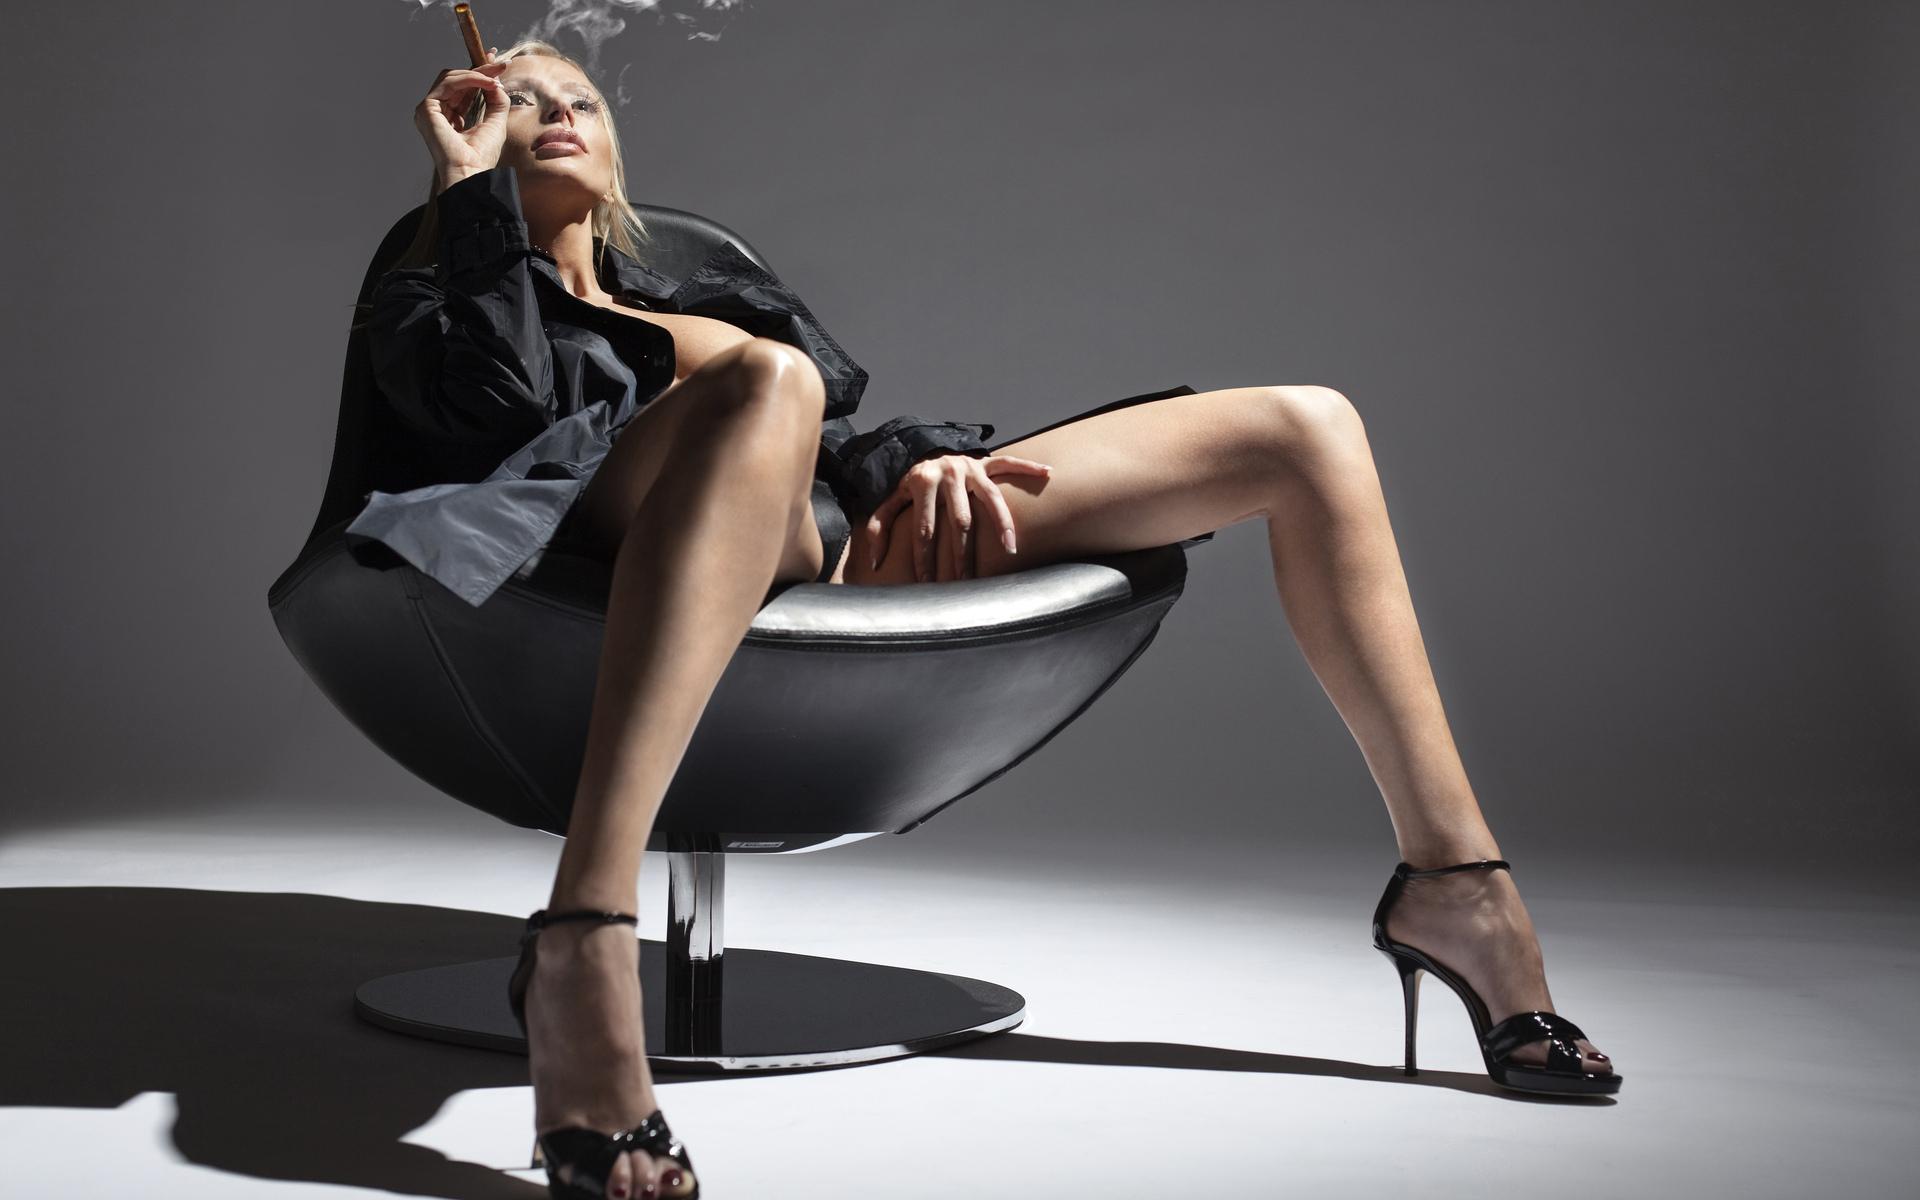 Эро фото женщин блондинок в чёрных чулках 30 фотография